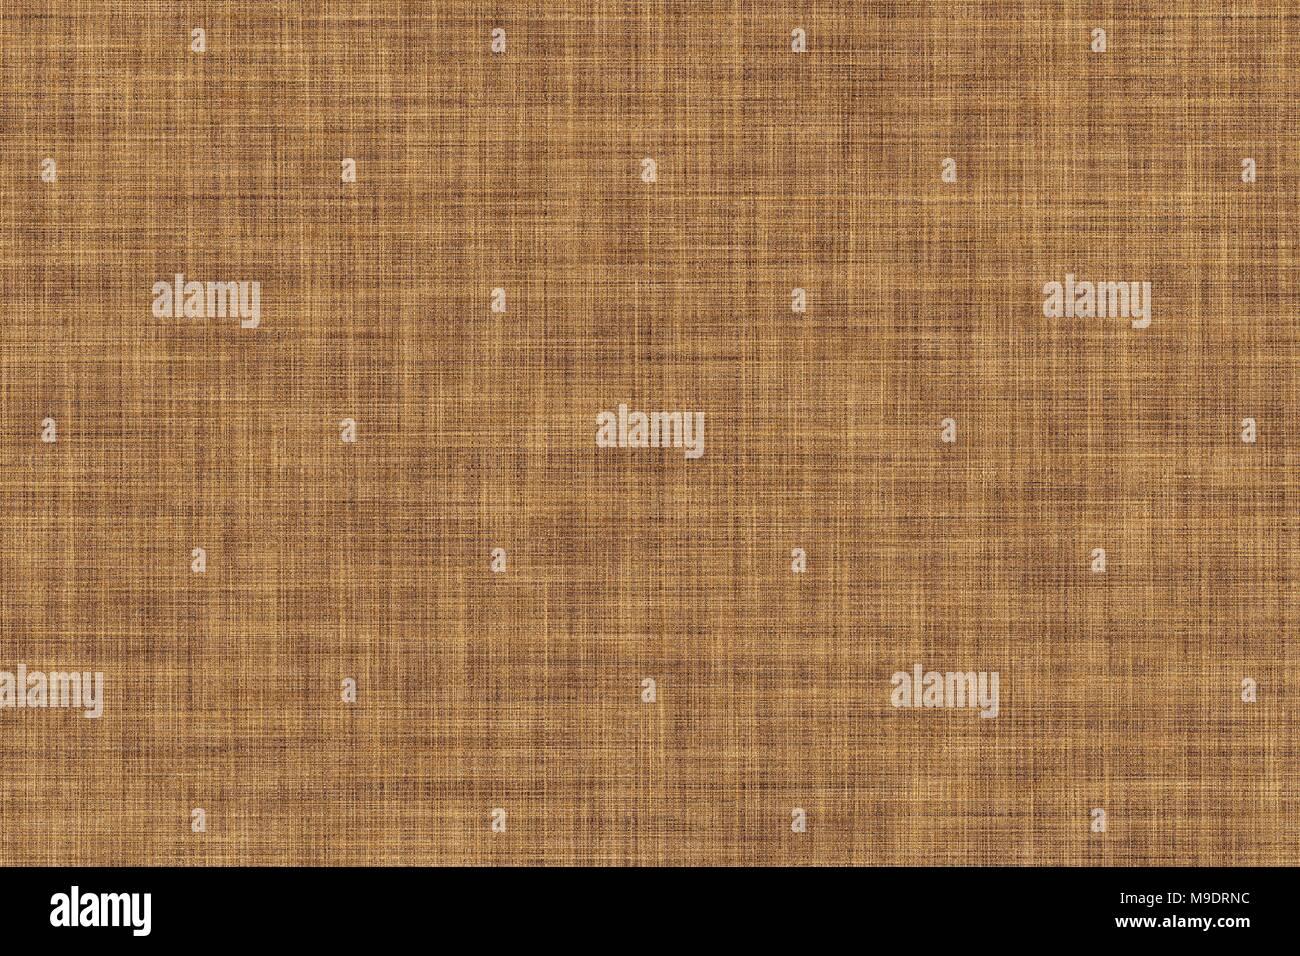 Gewebe Für Buchcover Bettwäsche Design Element Grunge Textur